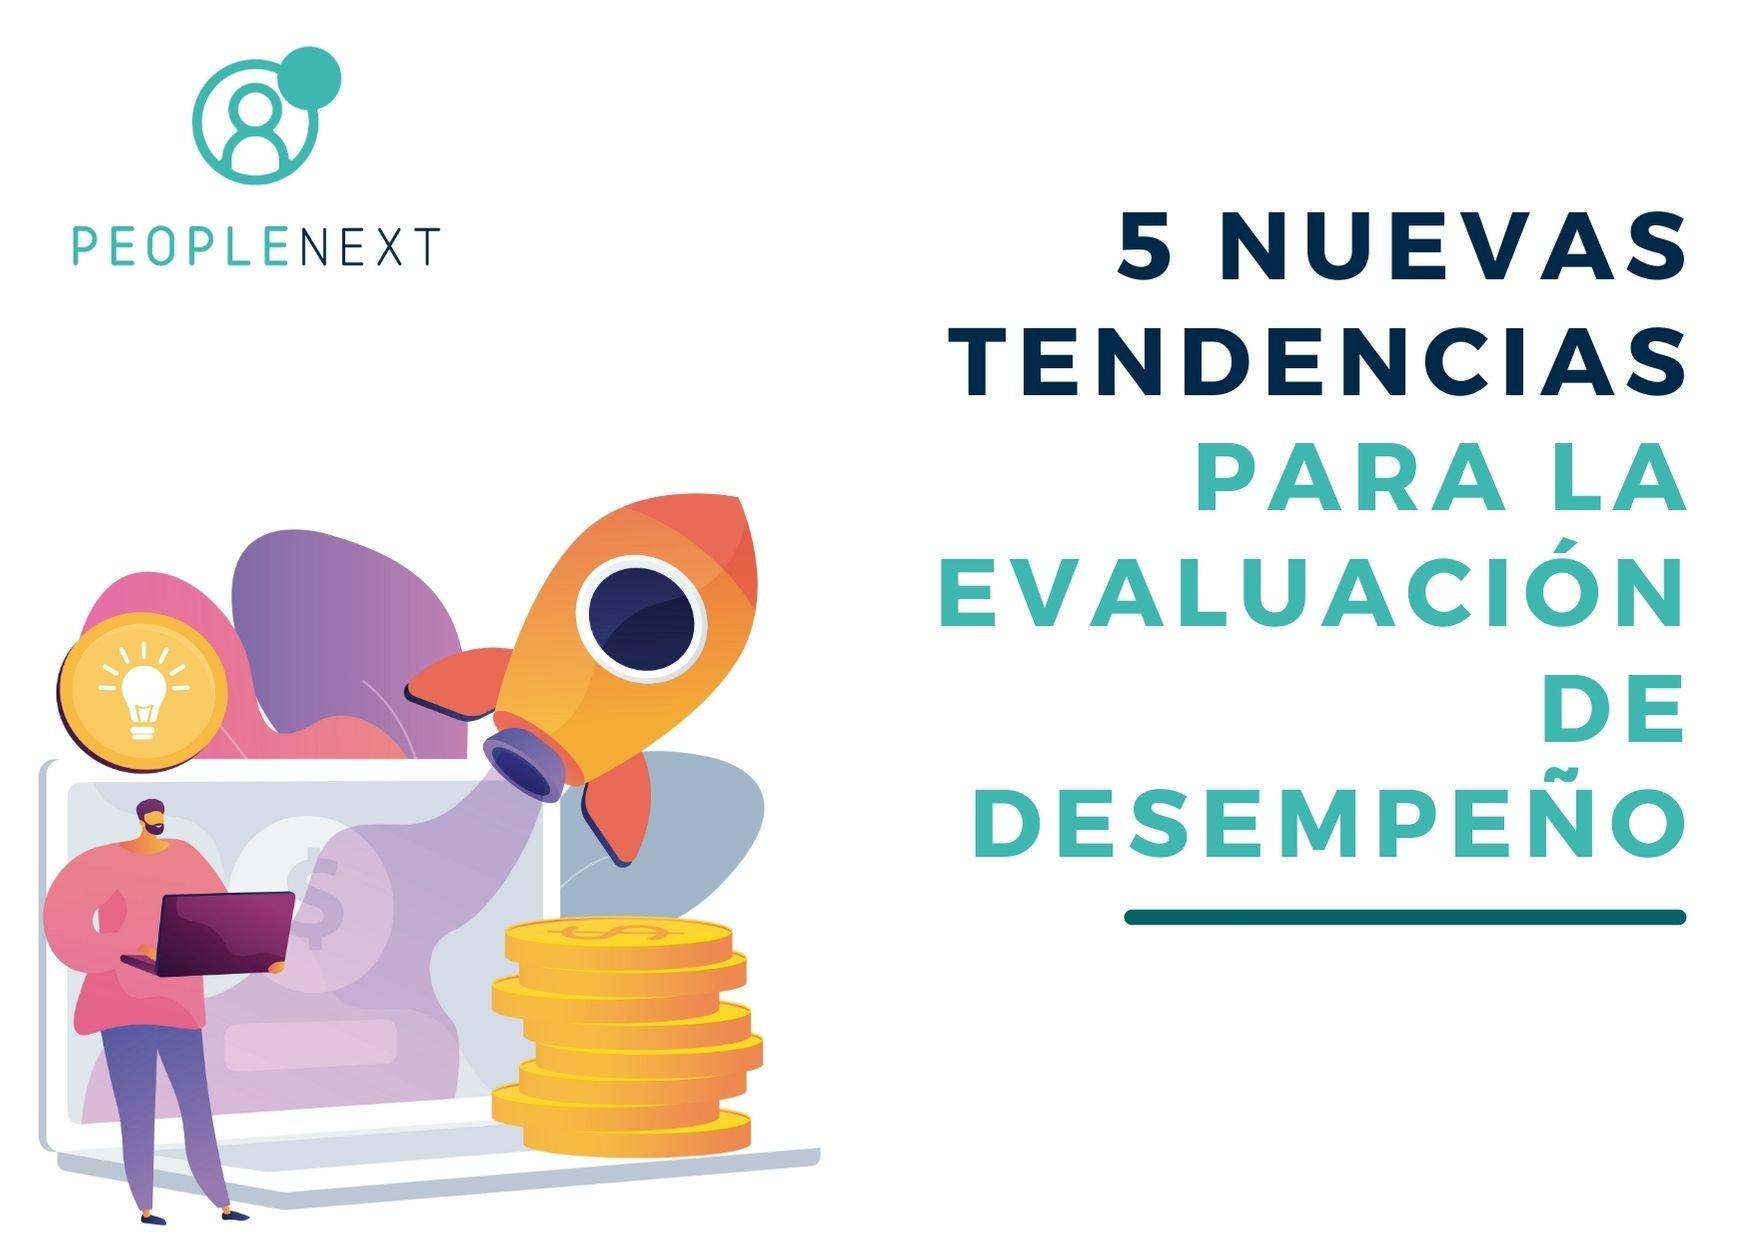 5 nuevas tendencias para la evaluación de desempeño-peoplenext